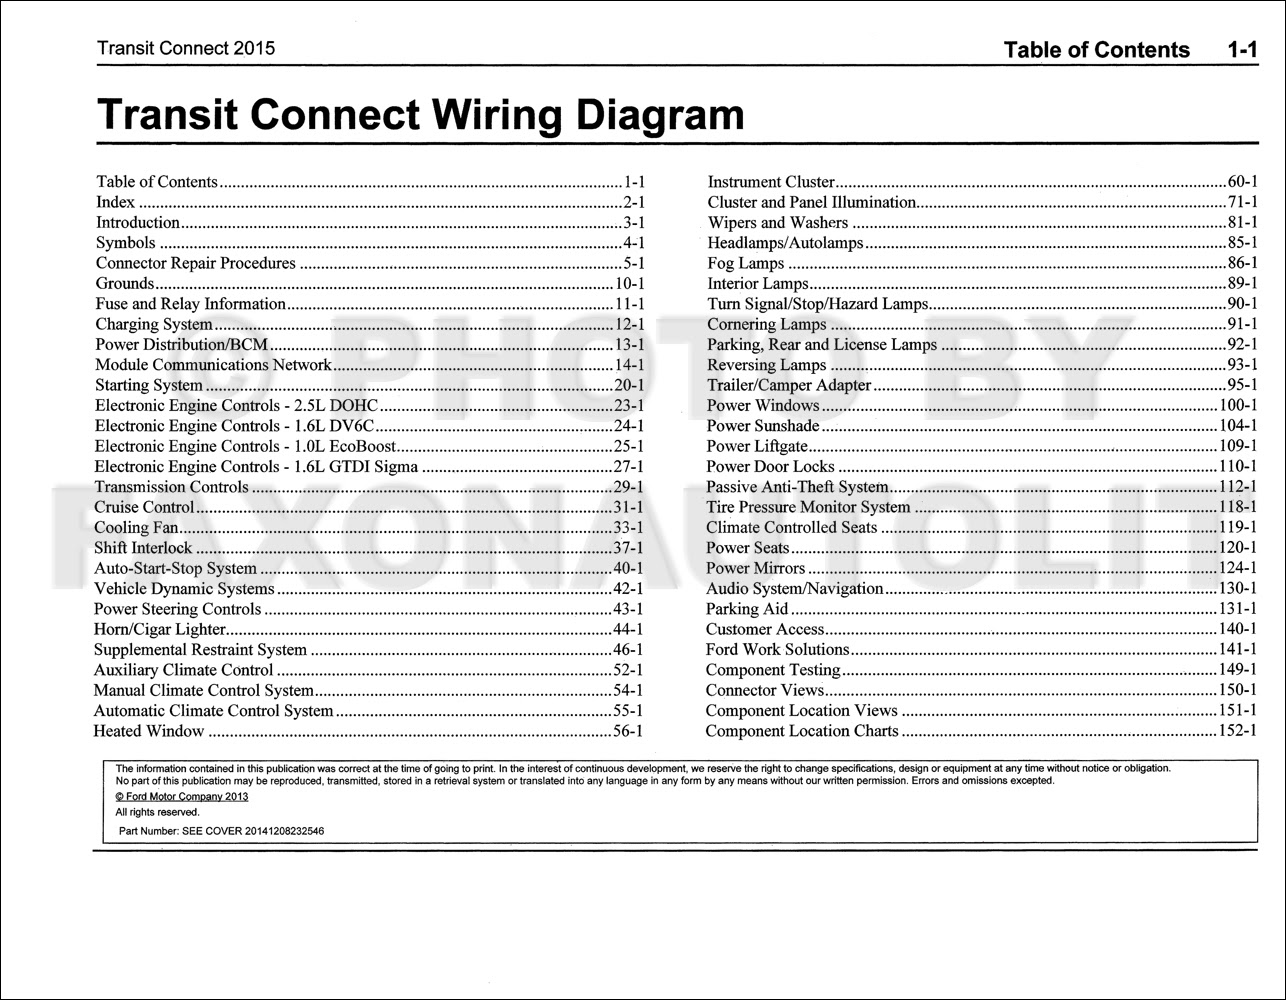 2012 transit connect wiring diagram image 10